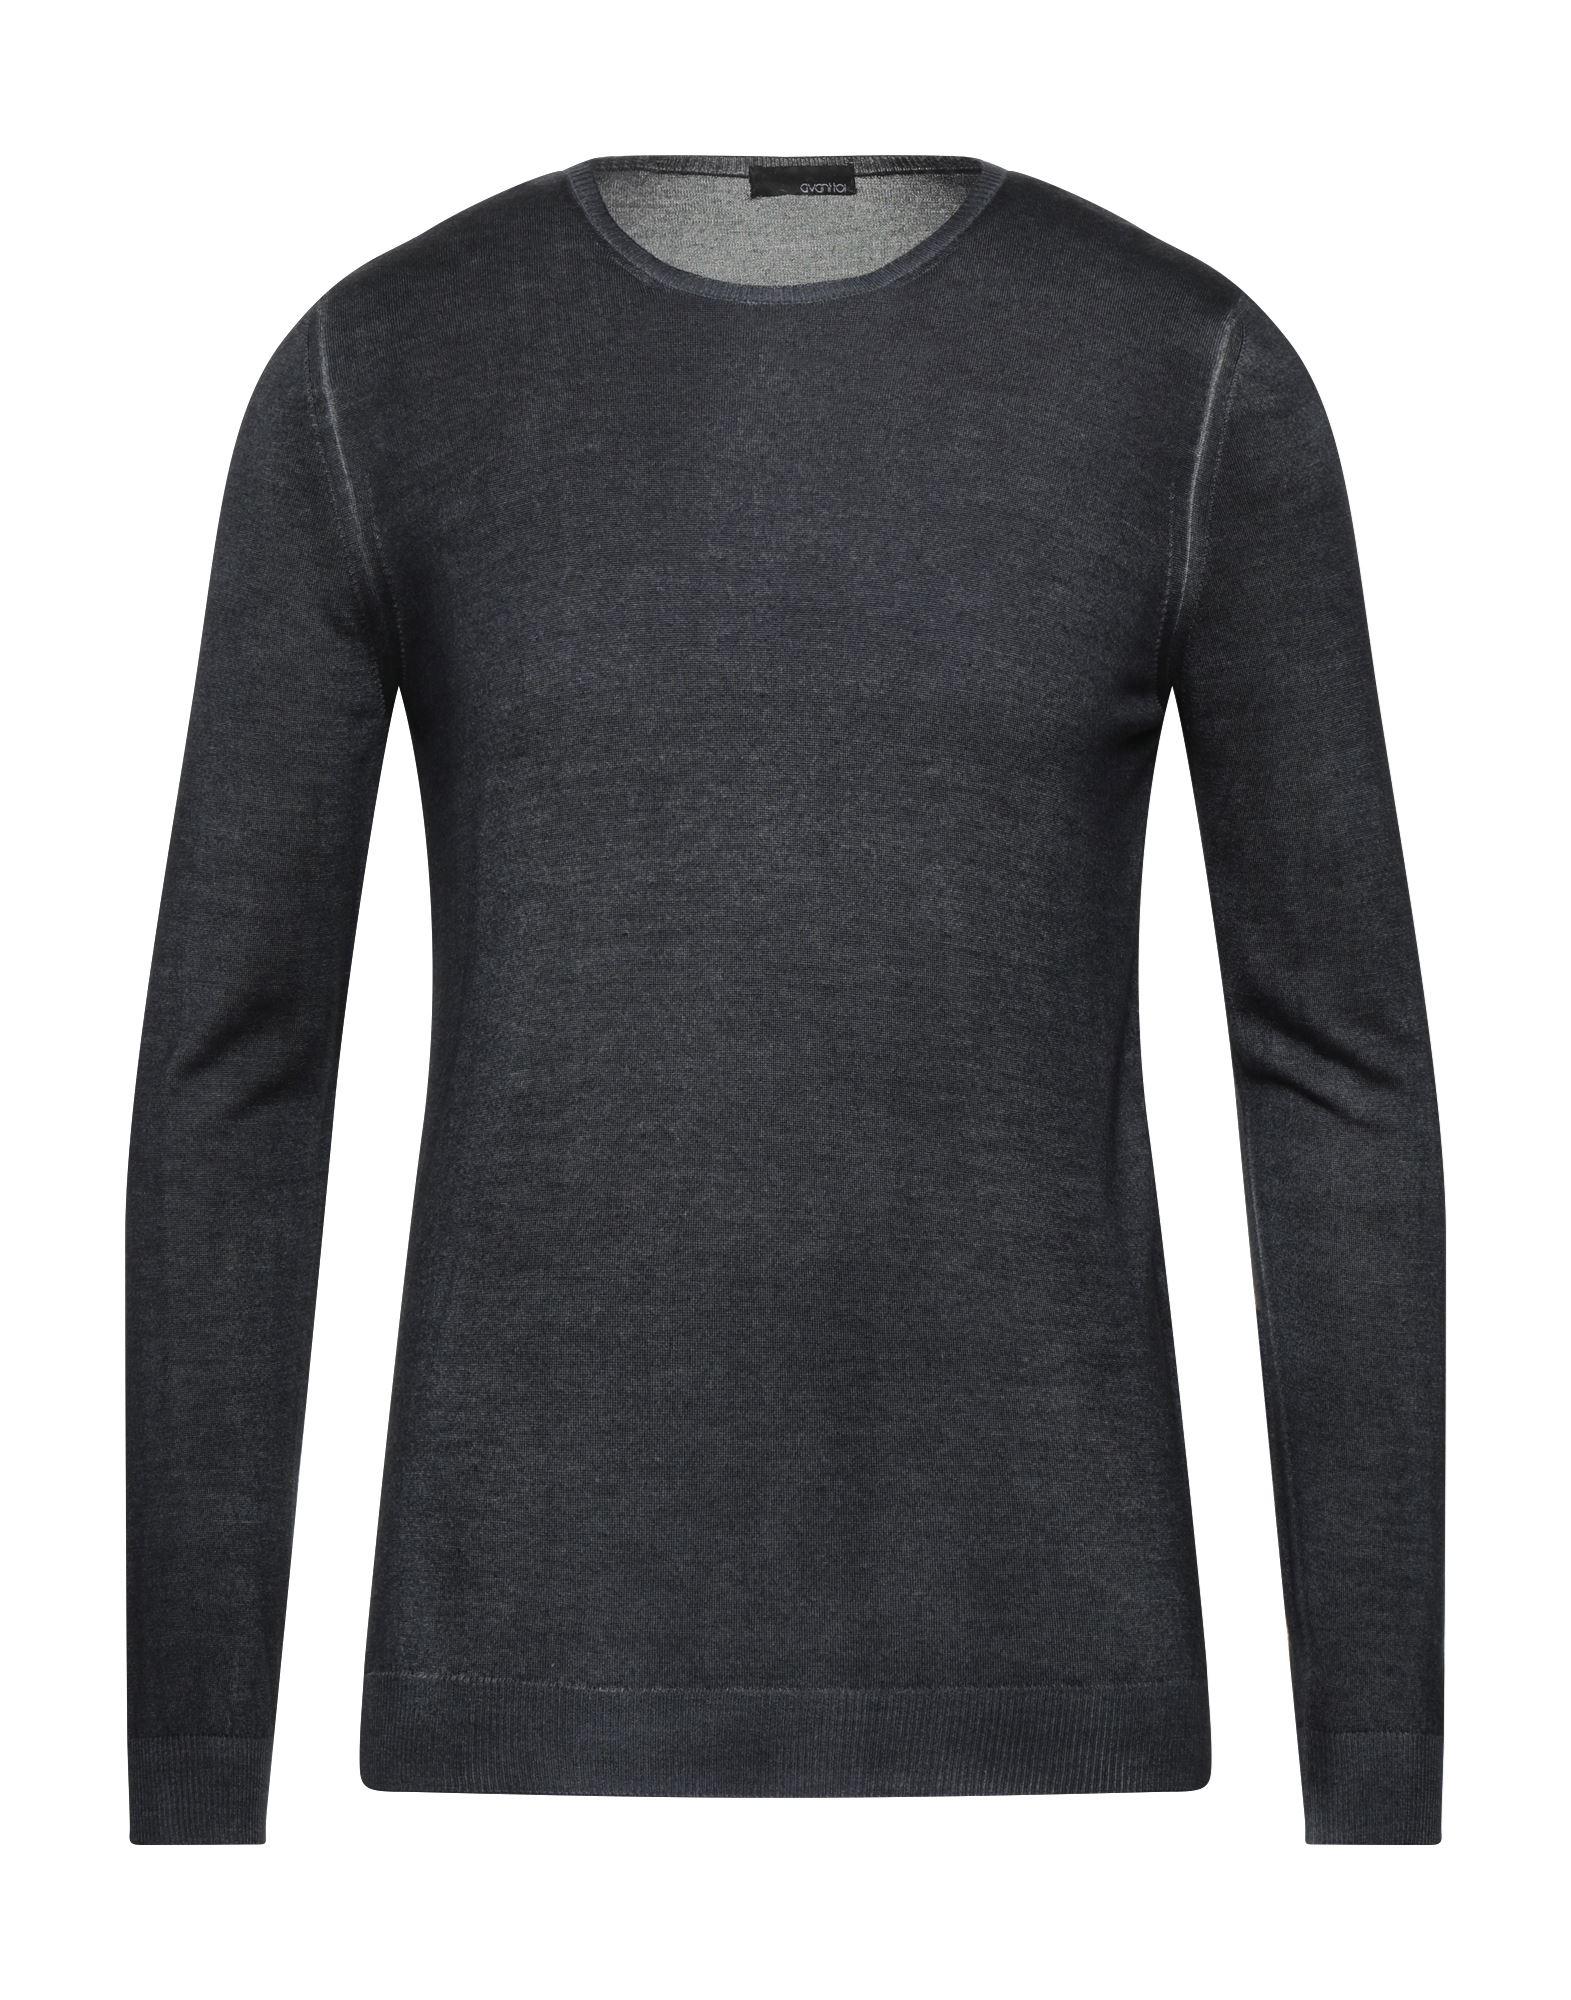 AVANT TOI Sweaters - Item 14132878